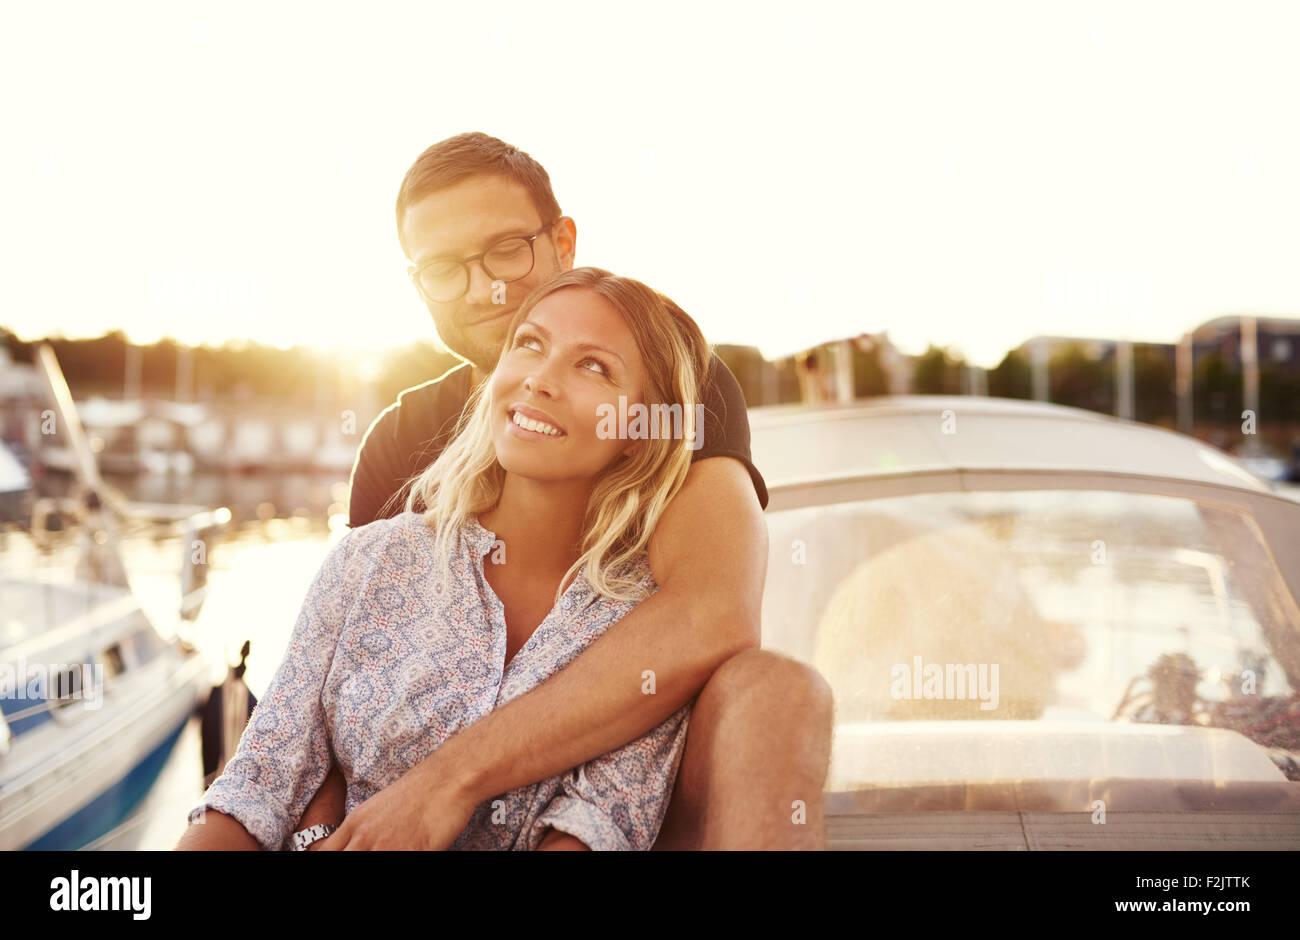 Casal feliz sobre um barco curtindo a vida enquanto no amor Imagens de Stock